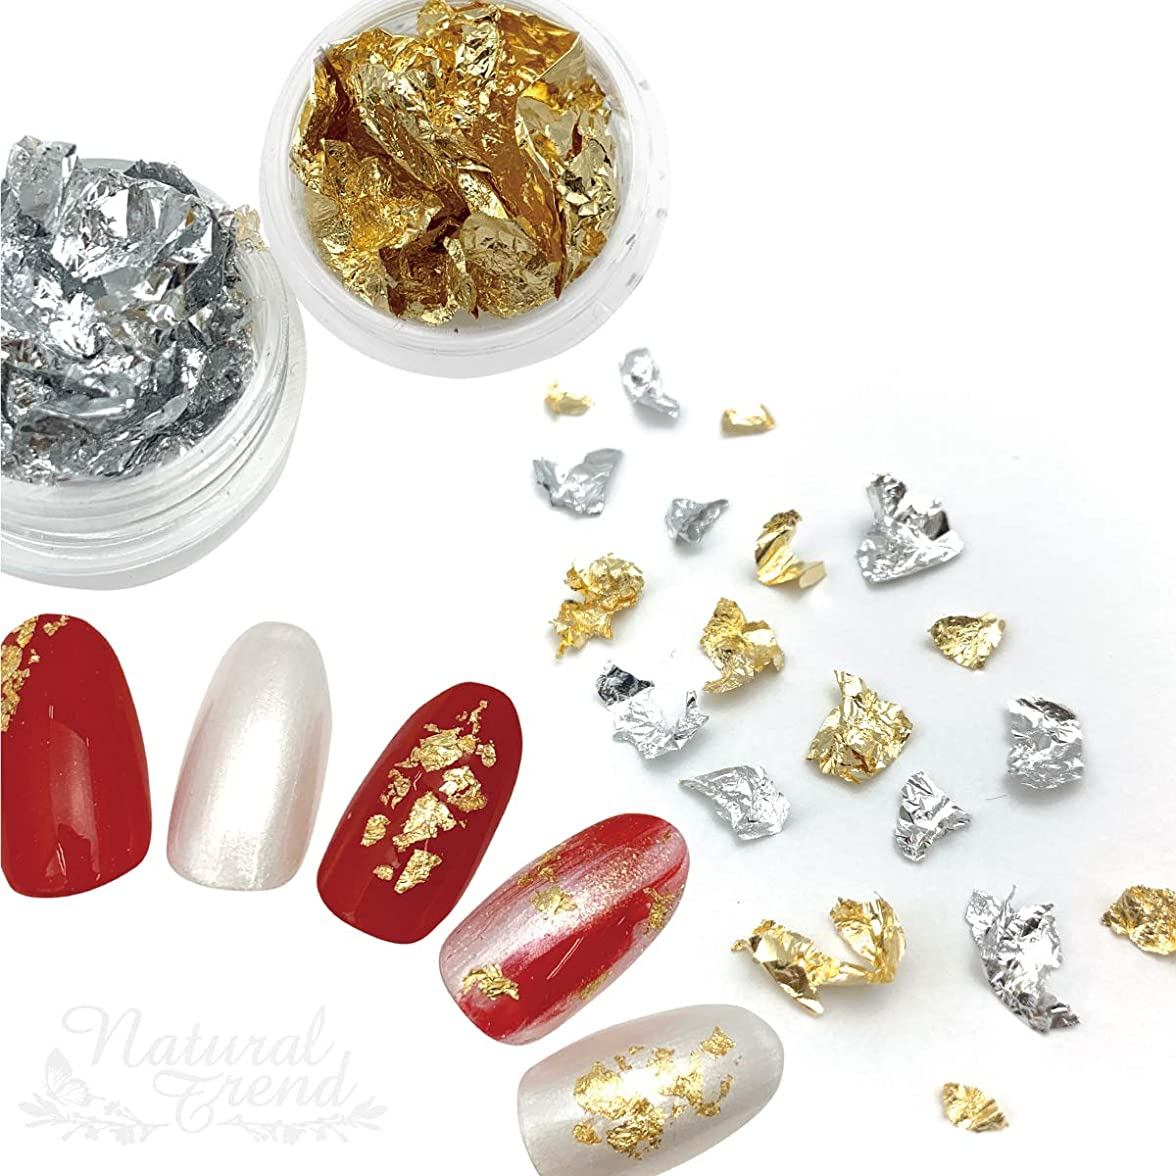 毎月アプローチ植生Natural Trend 金箔 銀箔 ネイルホイル ジェルネイルアート (ゴールドシルバーset)